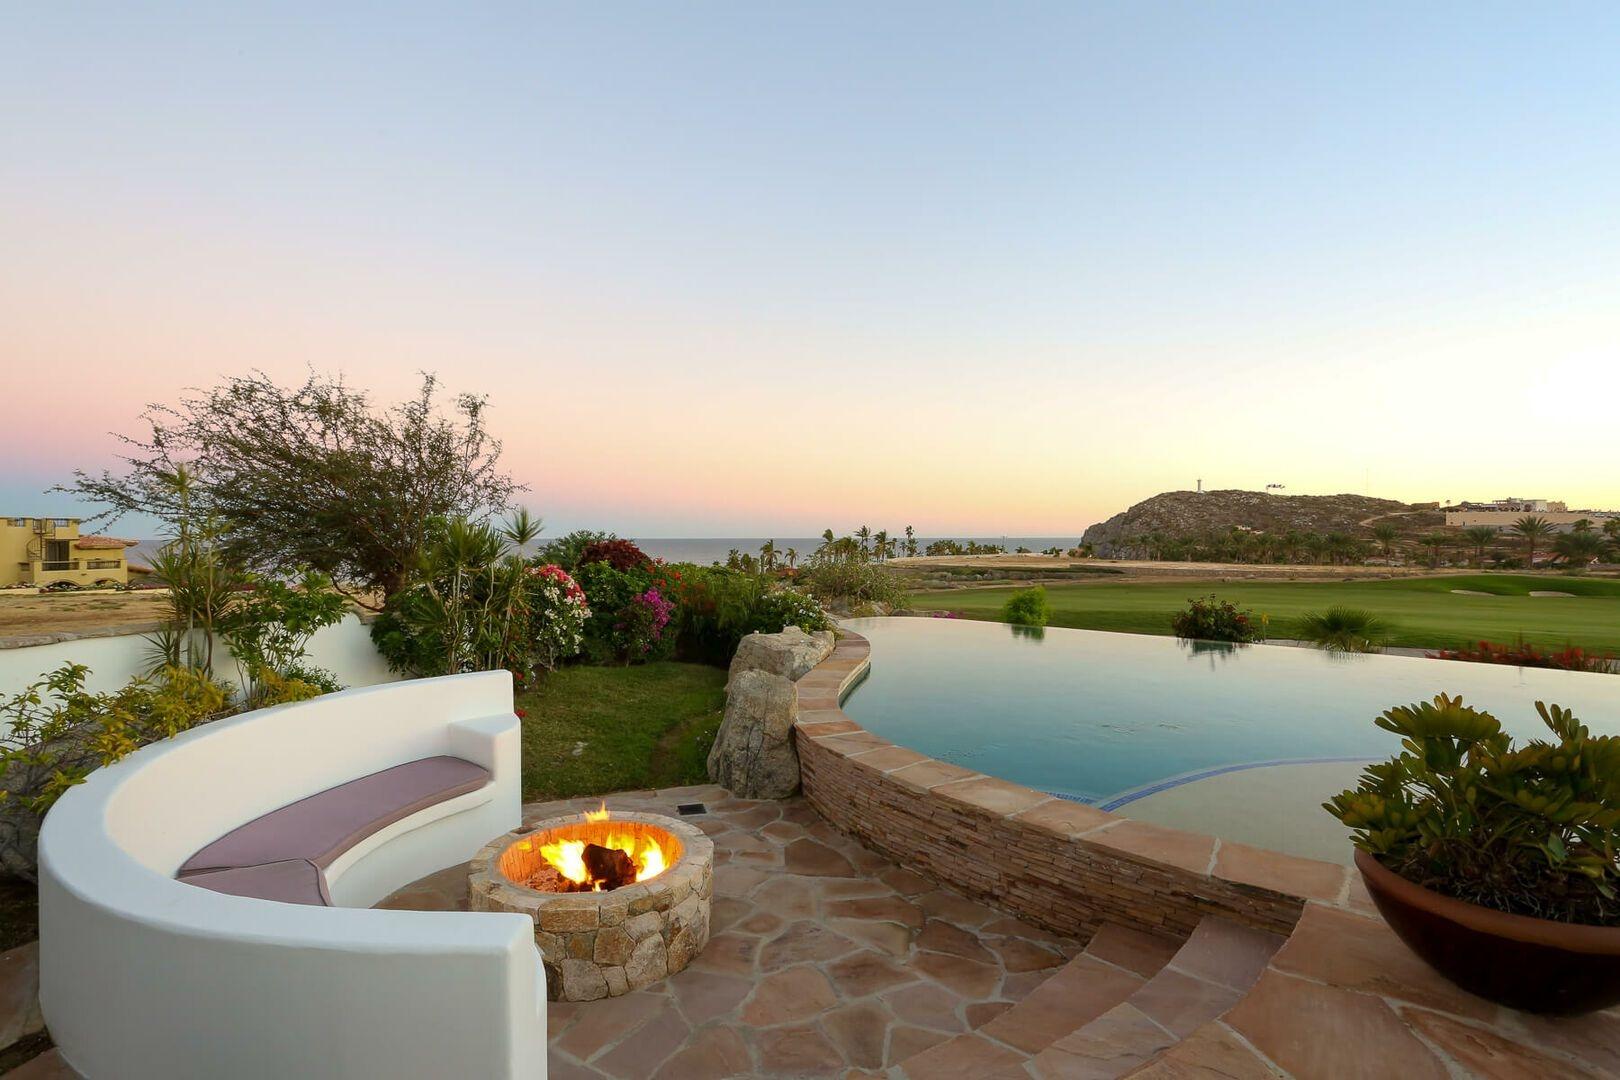 Luxury vacation rentals mexico - Los cabos - Los cabos corridor - Cabo delsol - Villa Solarena - Image 1/30